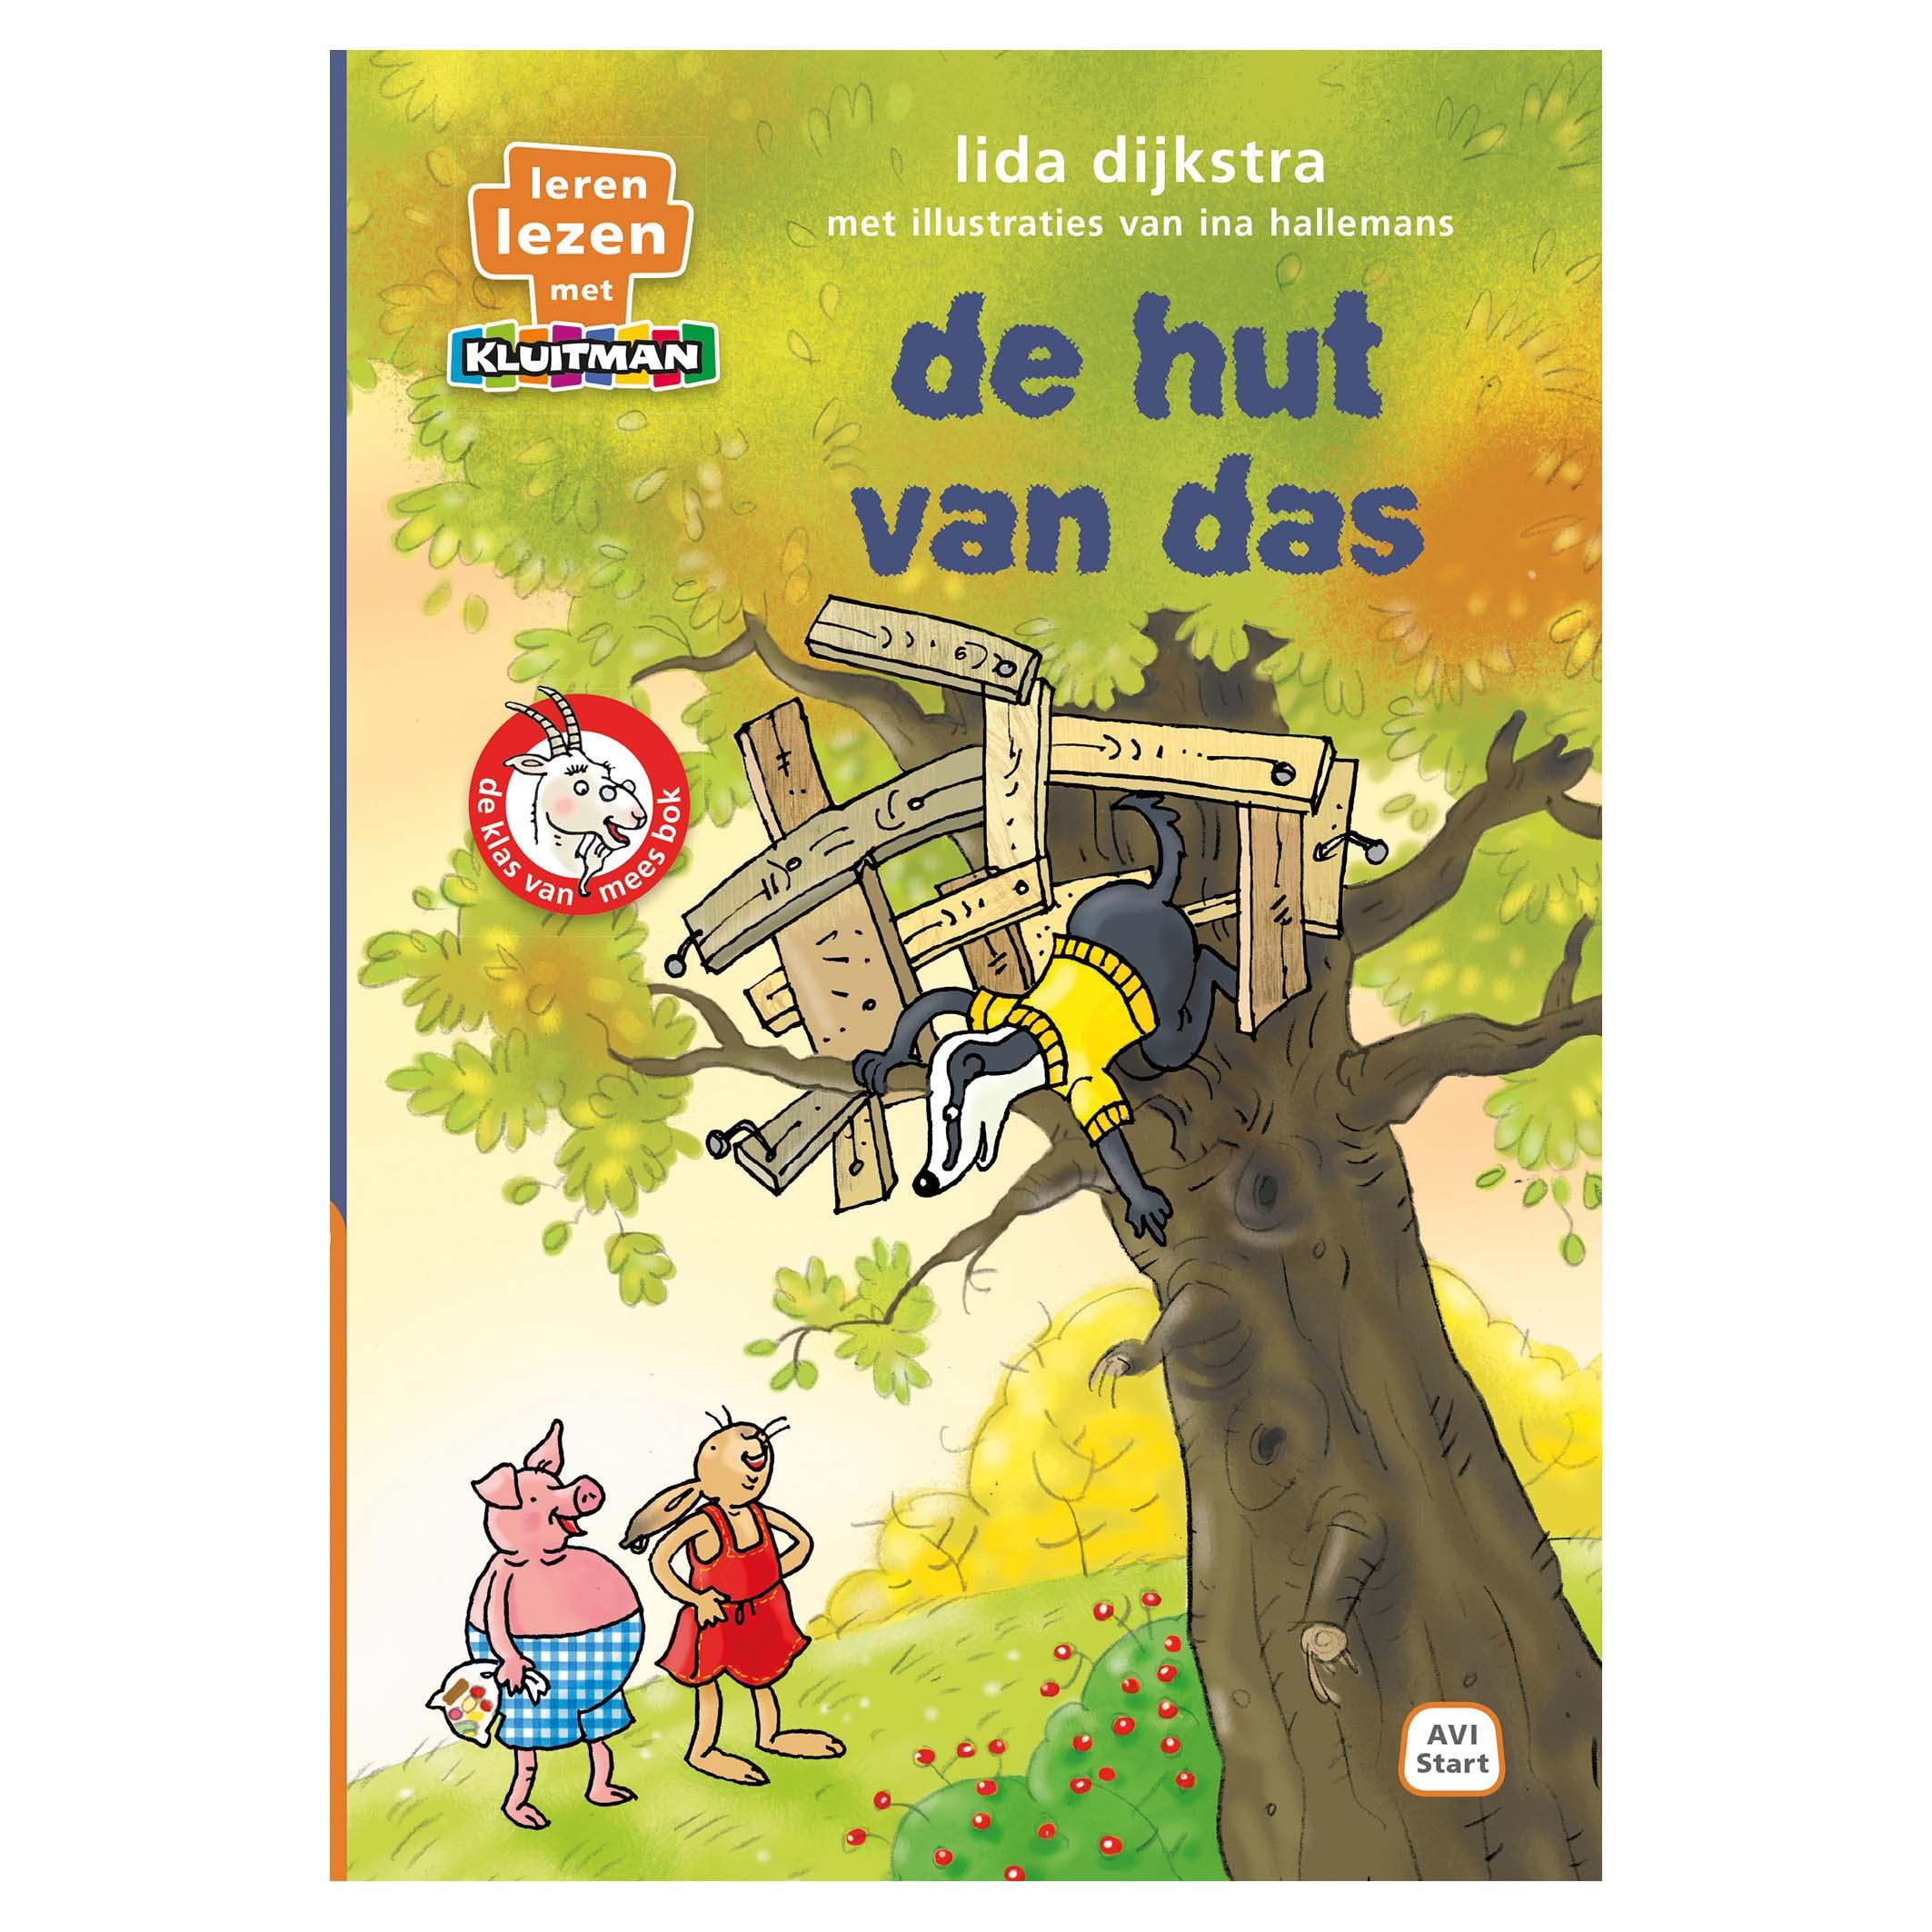 Afbeelding van Boek AVI Start De Klas Van Mees Bok -De Hut Van Das Leren Lezen Met Kluitman